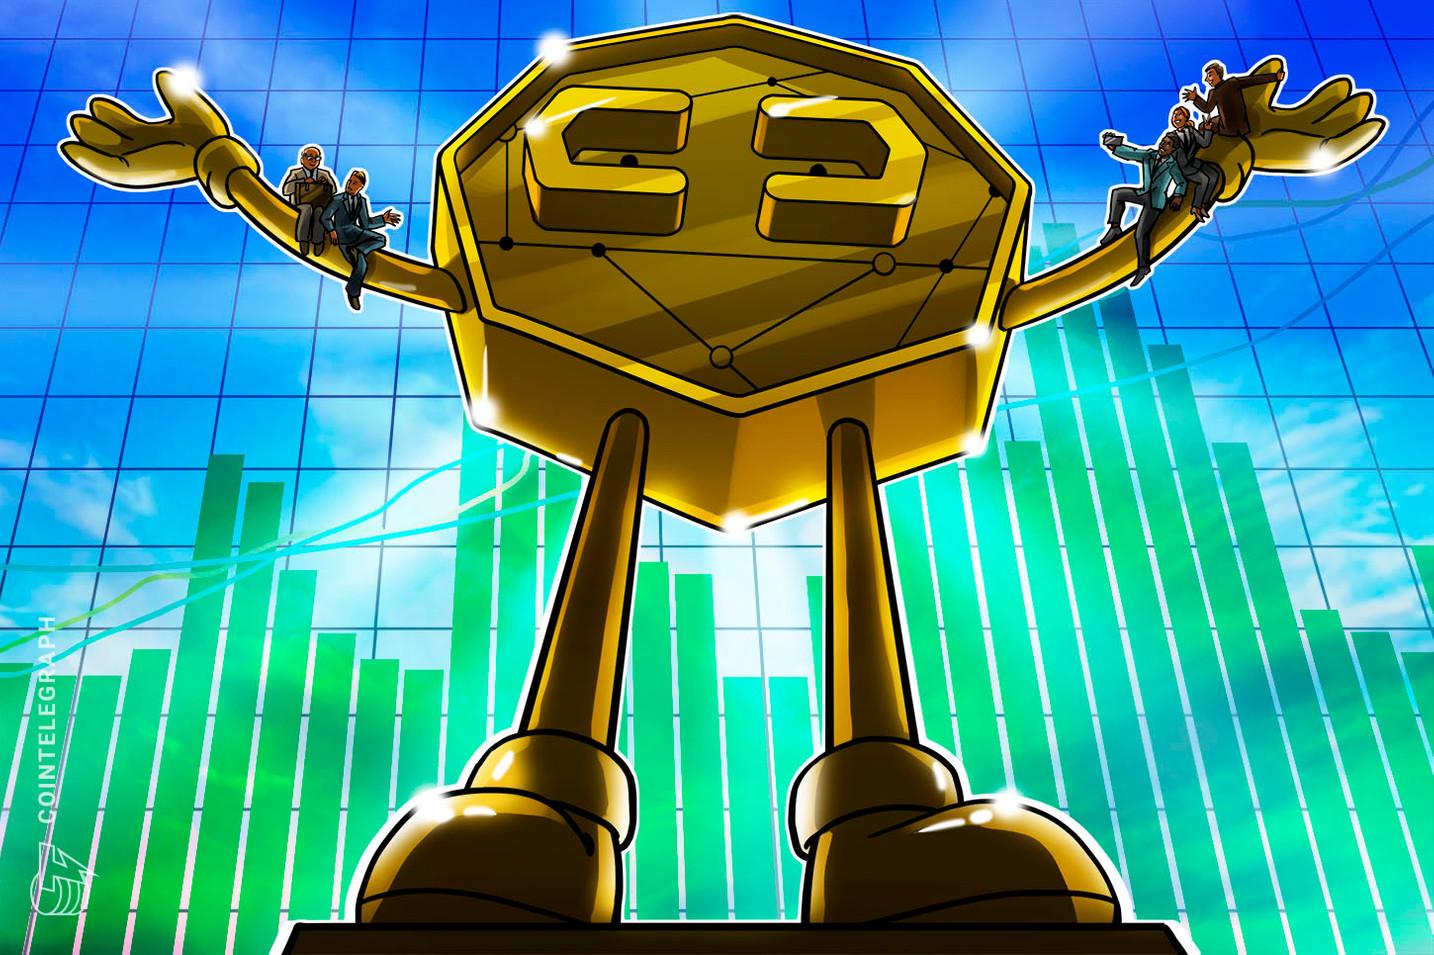 Kryptomärkte klettern nach oben: Bitcoin an der Marke von 10.000 US-Dollar